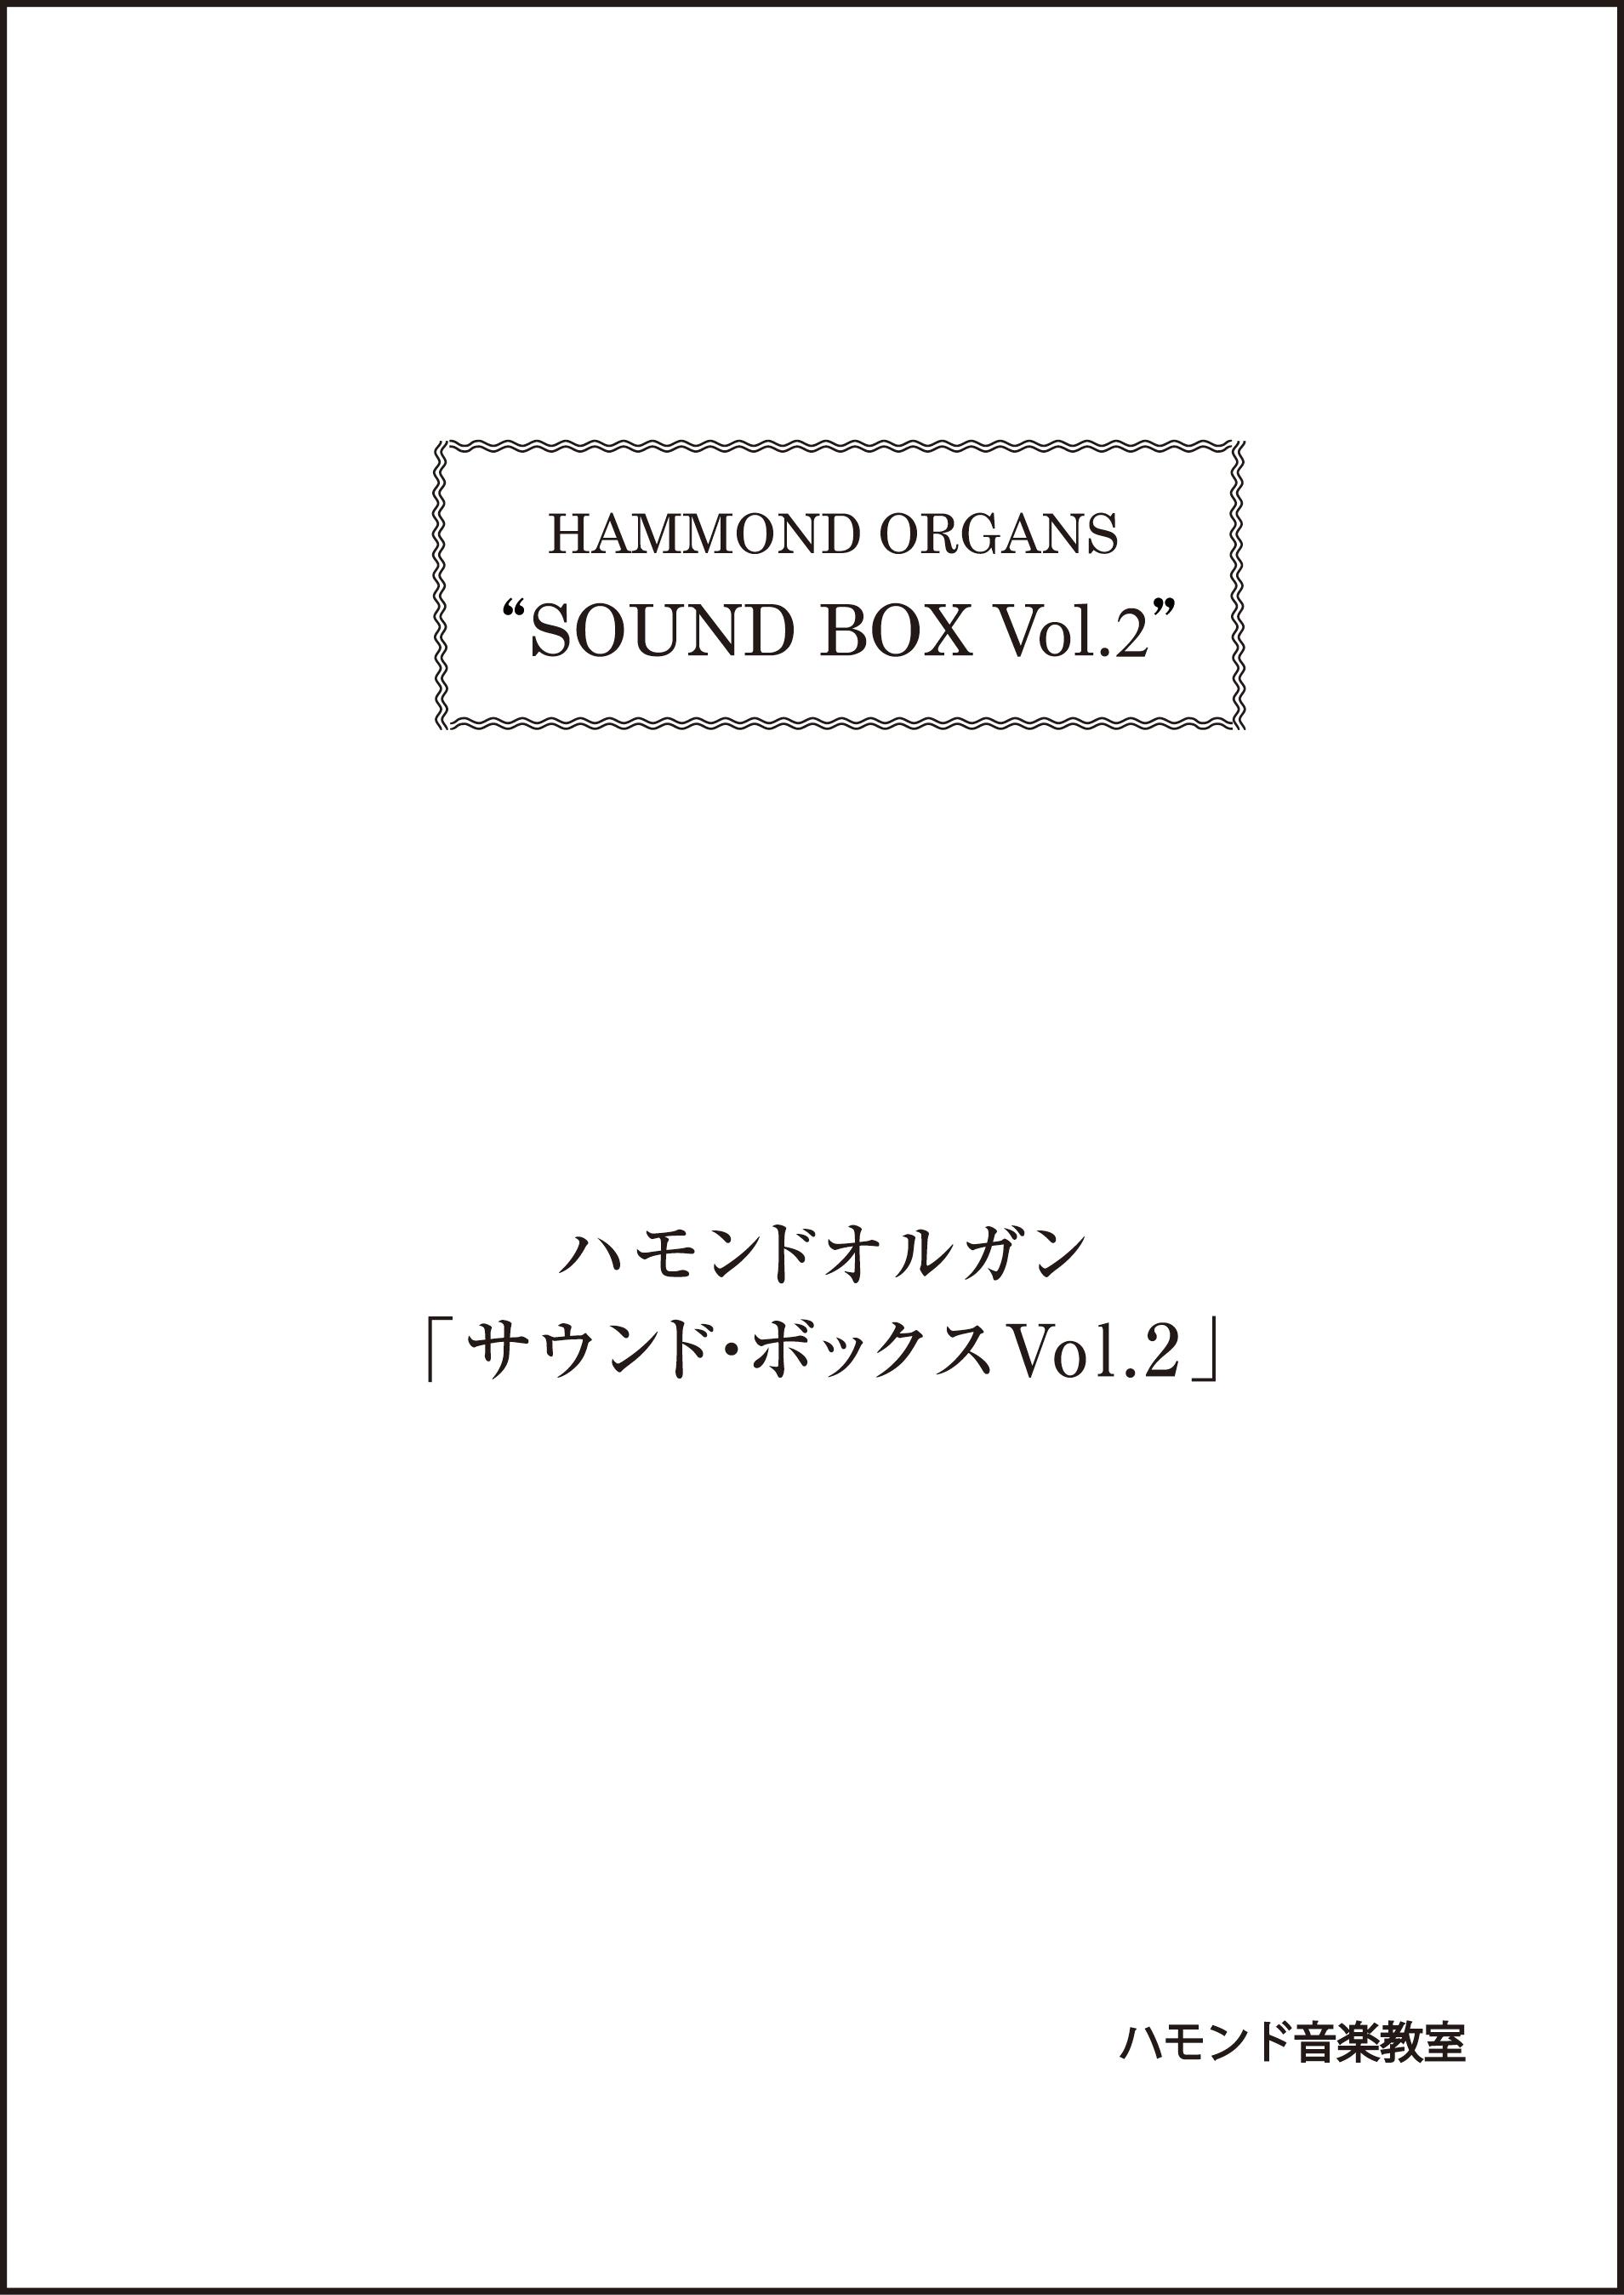 ハモンドオルガン<br>「サウンドボックスVol.2」